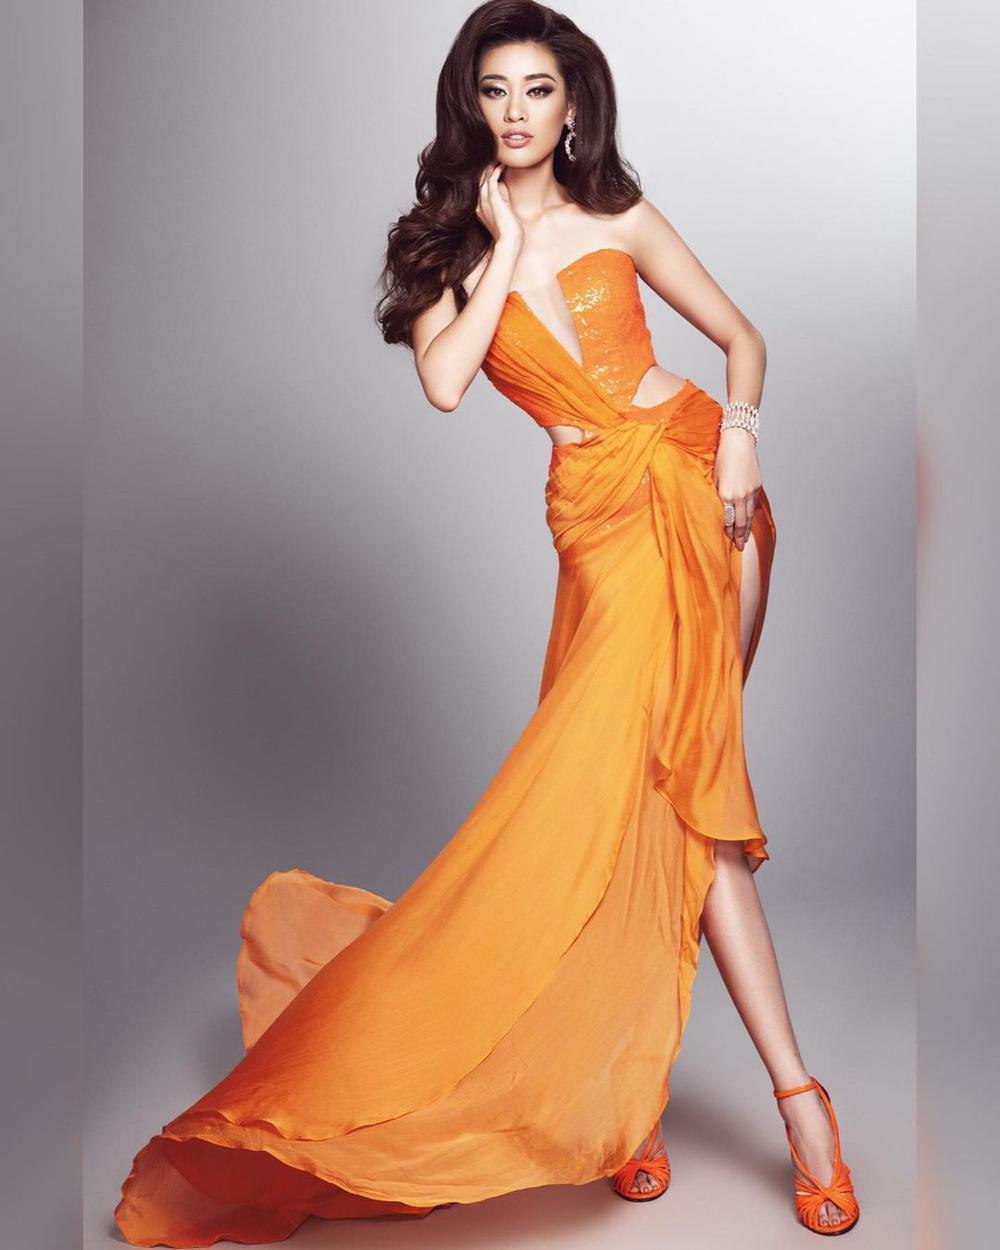 'Vượt mặt' hoa hậu Venezuela, Khánh Vân lọt Top 4 mỹ nhân được quan tâm nhất Miss Universe Ảnh 3